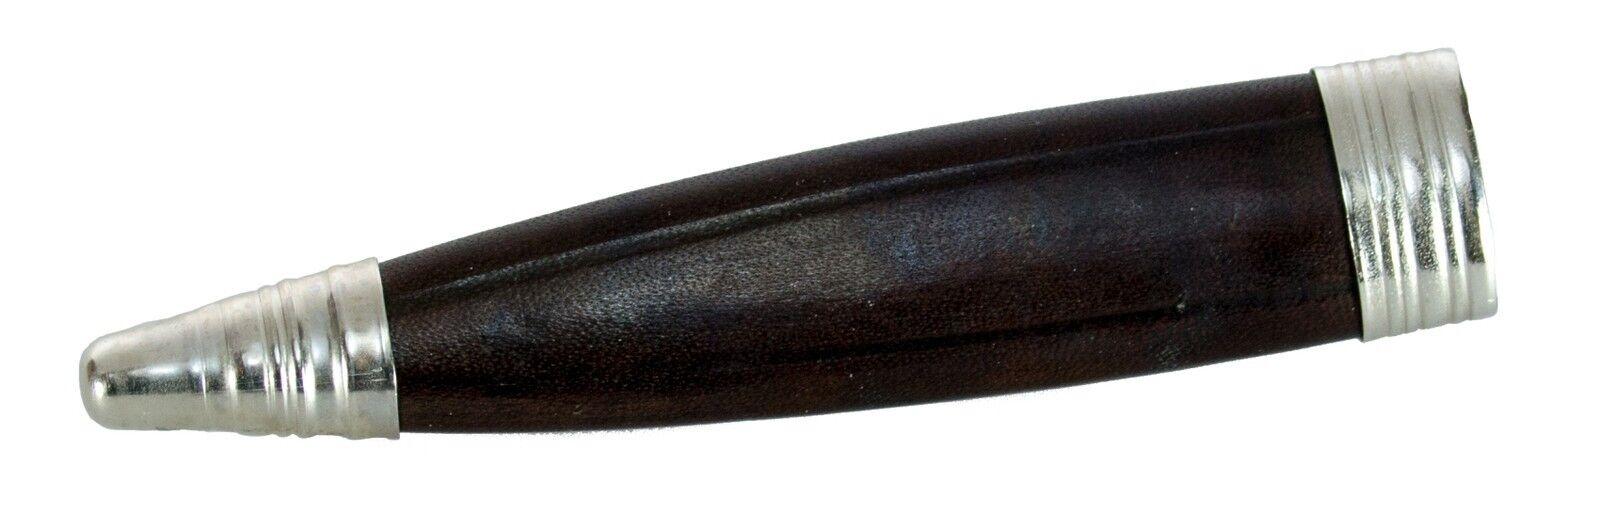 Trachtenmesser Hirschhorngriff  Ätzung Ätzung Ätzung 2 Gemse + Enzian + Zierkappe GEMSE 19658a